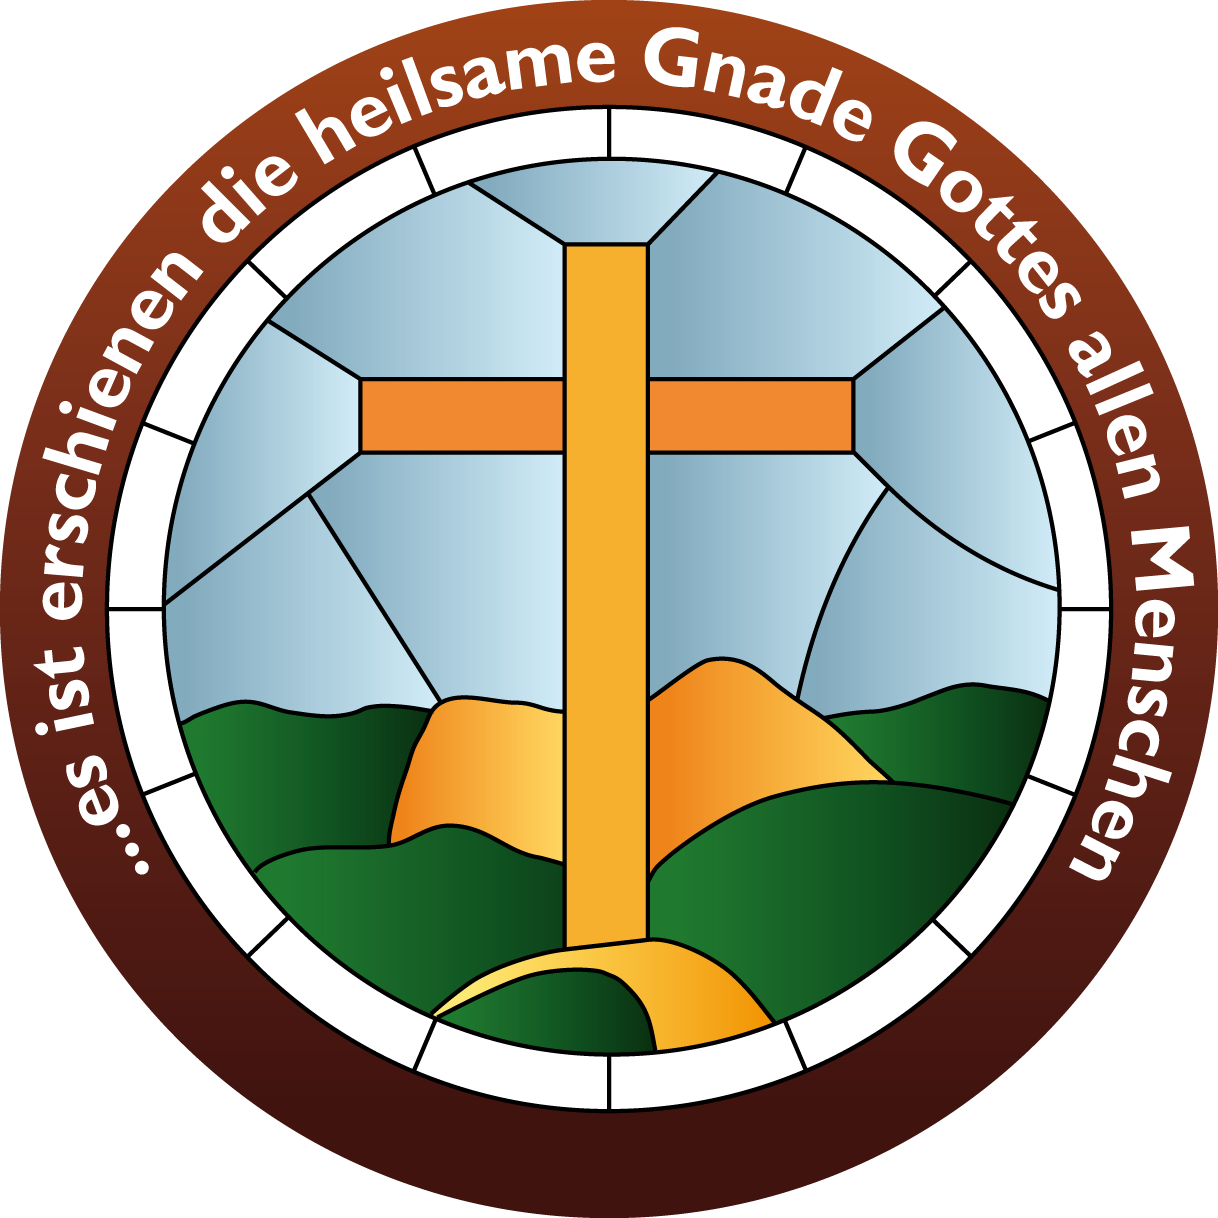 Christliche Brüdergemeinde Deggendorf